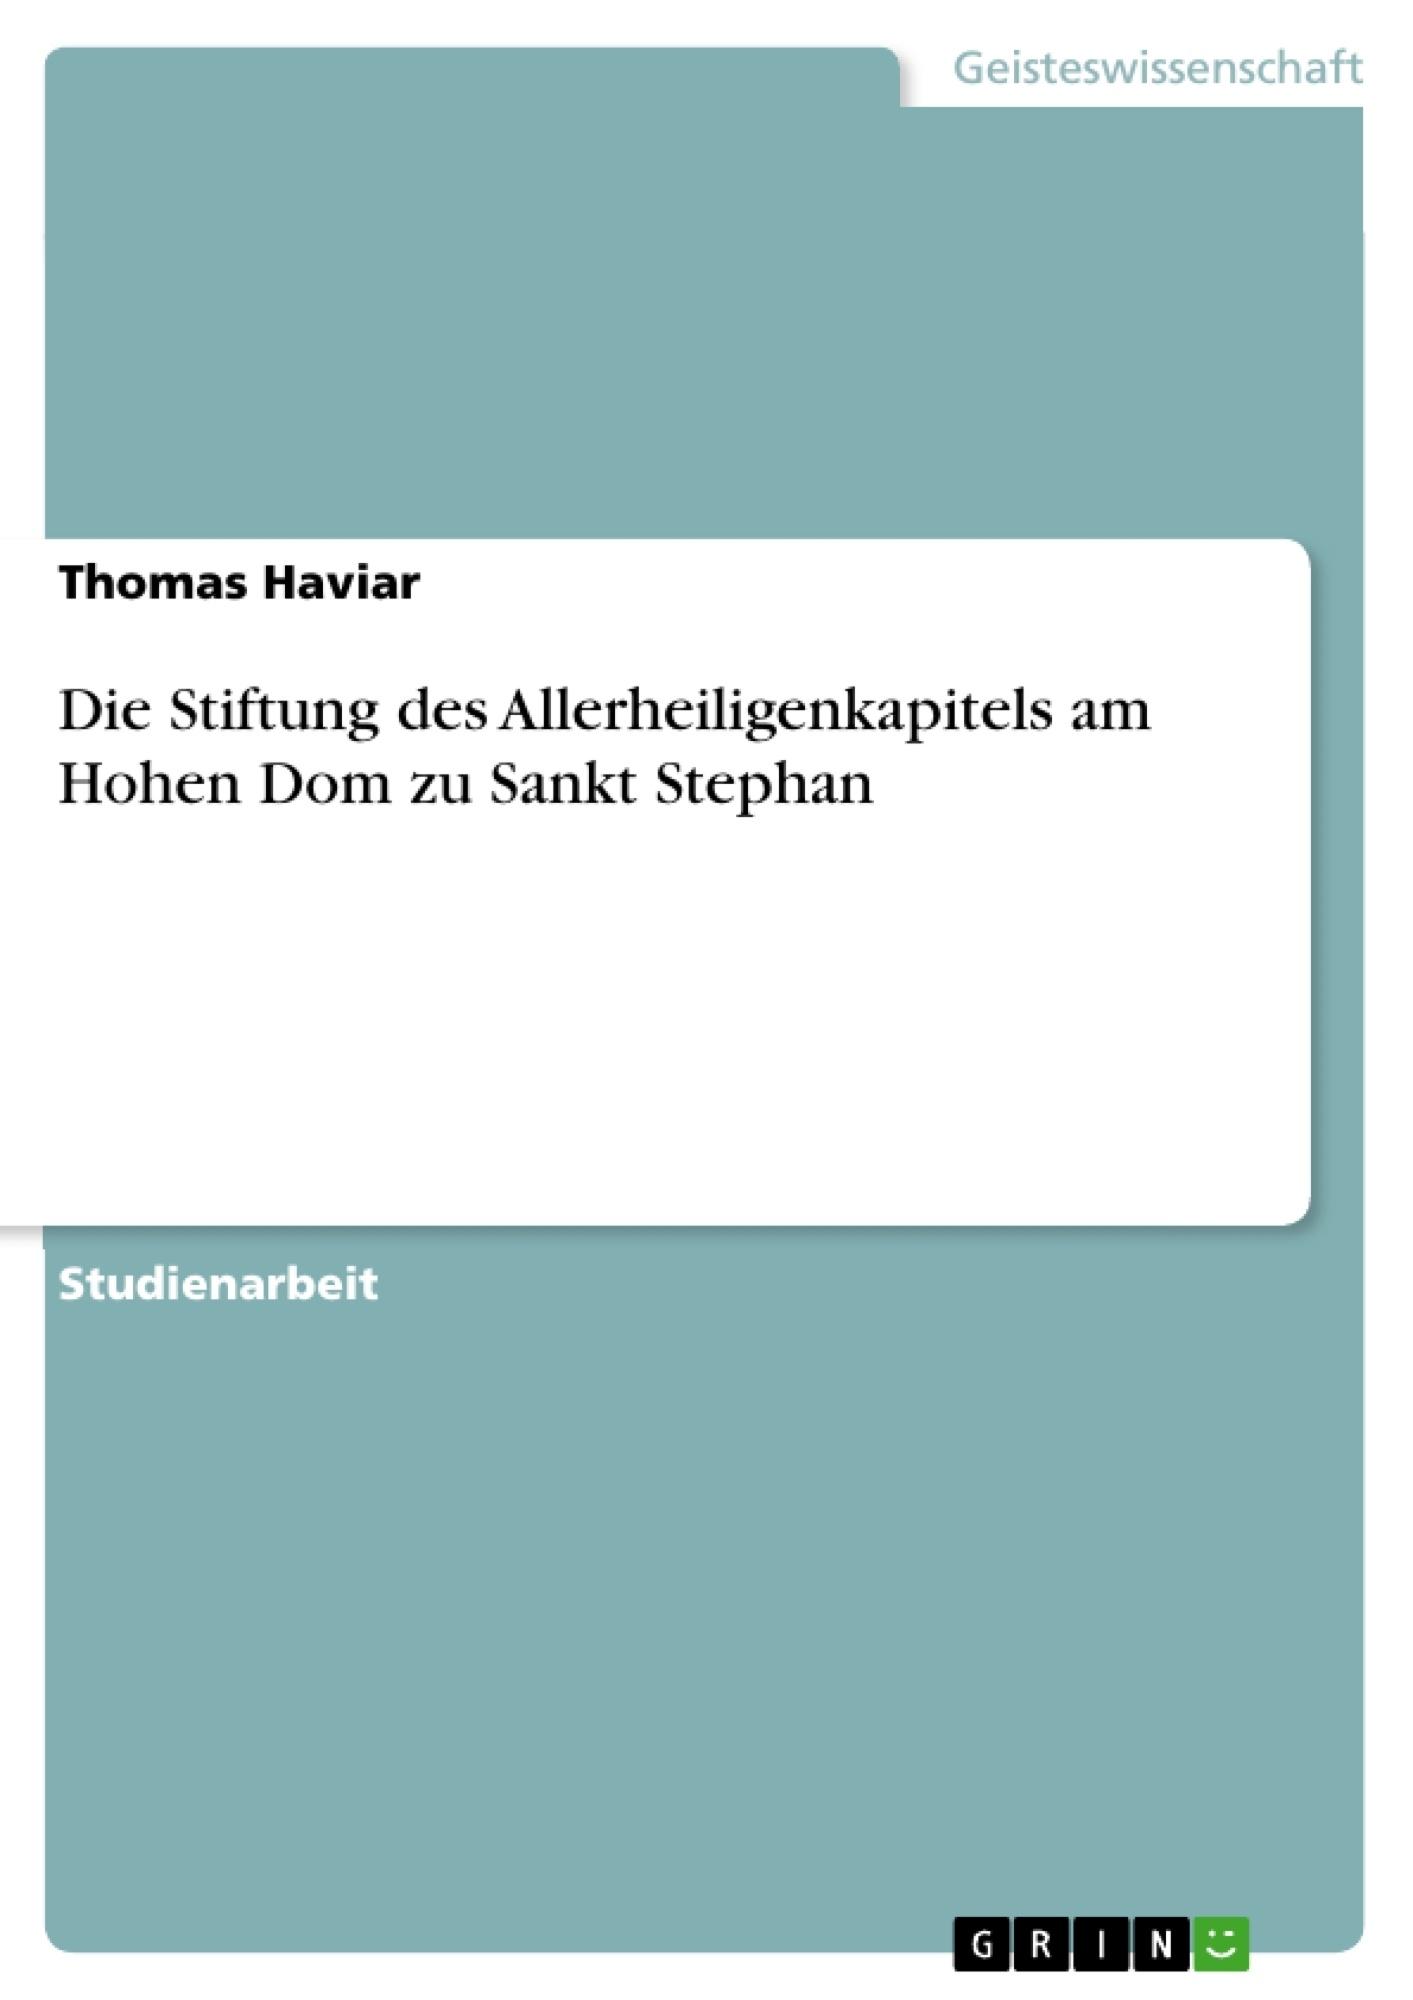 Titel: Die Stiftung des Allerheiligenkapitels am Hohen Dom zu Sankt Stephan